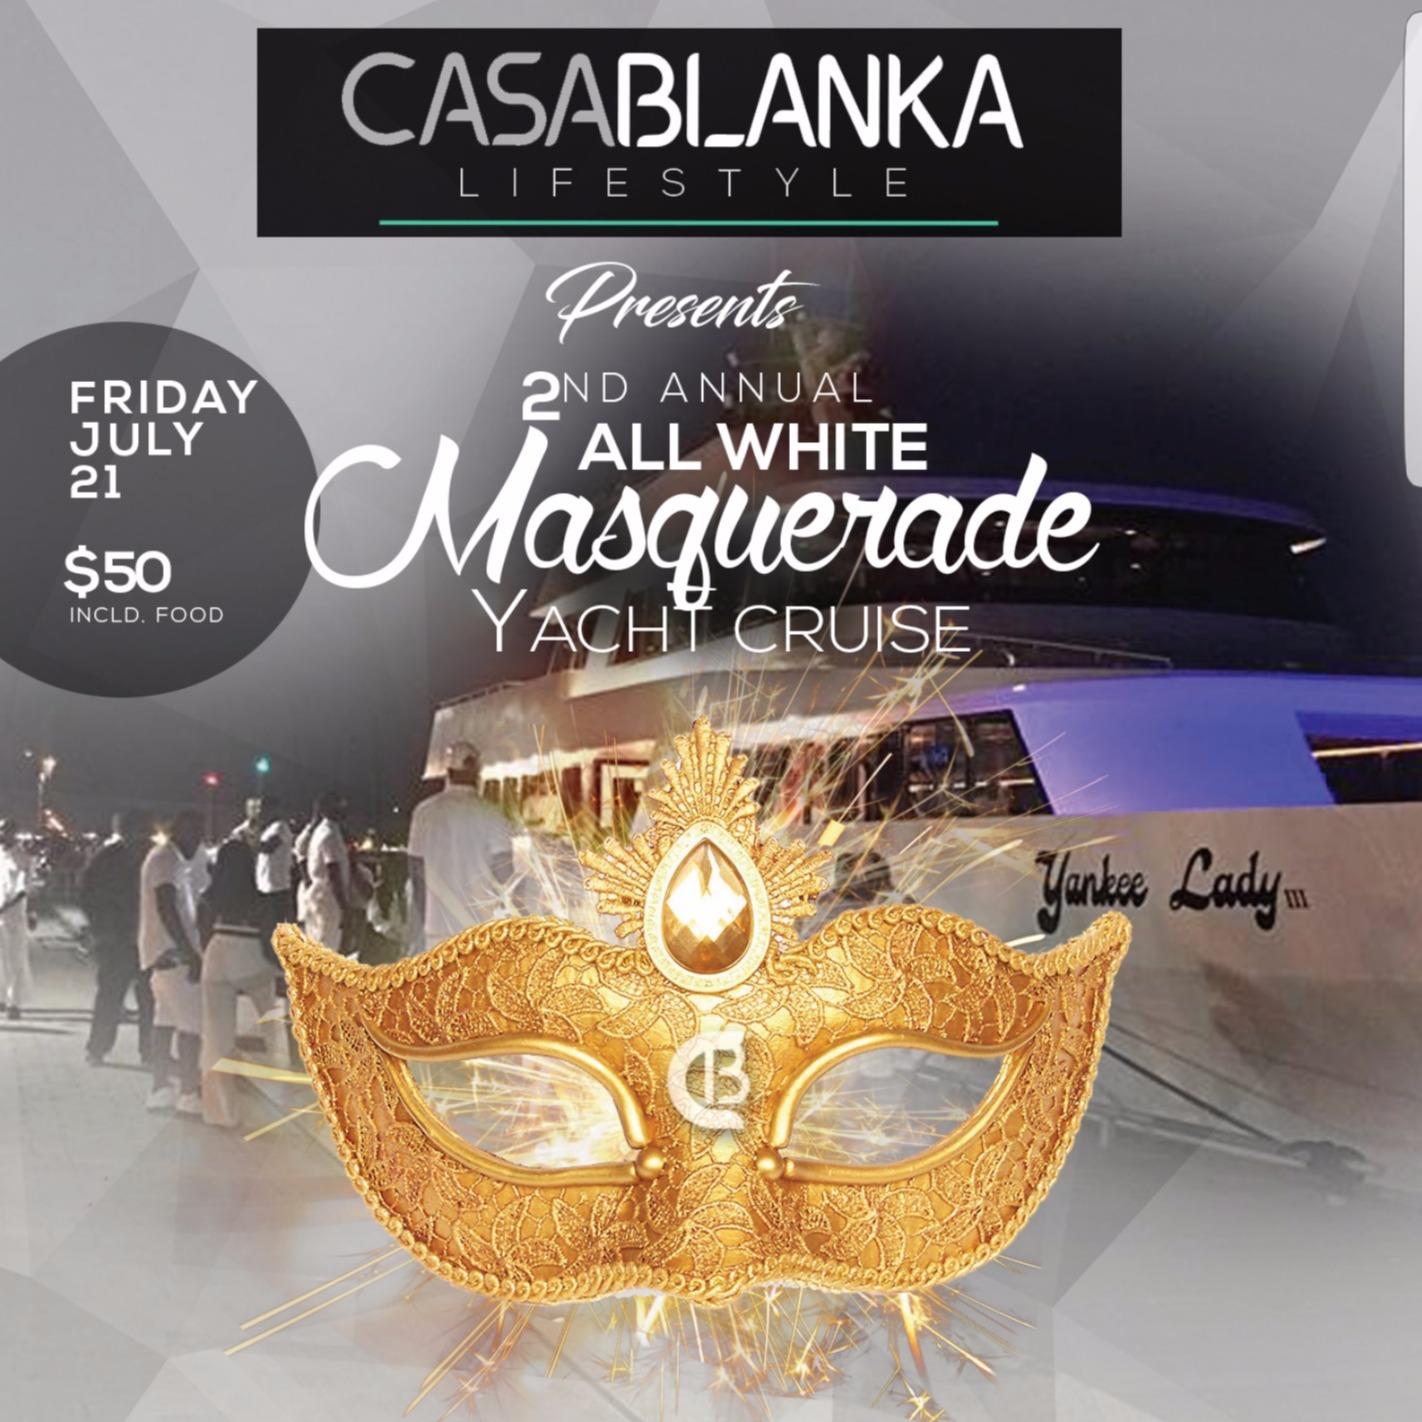 Casablanka - Masquerade Yacht Cruise